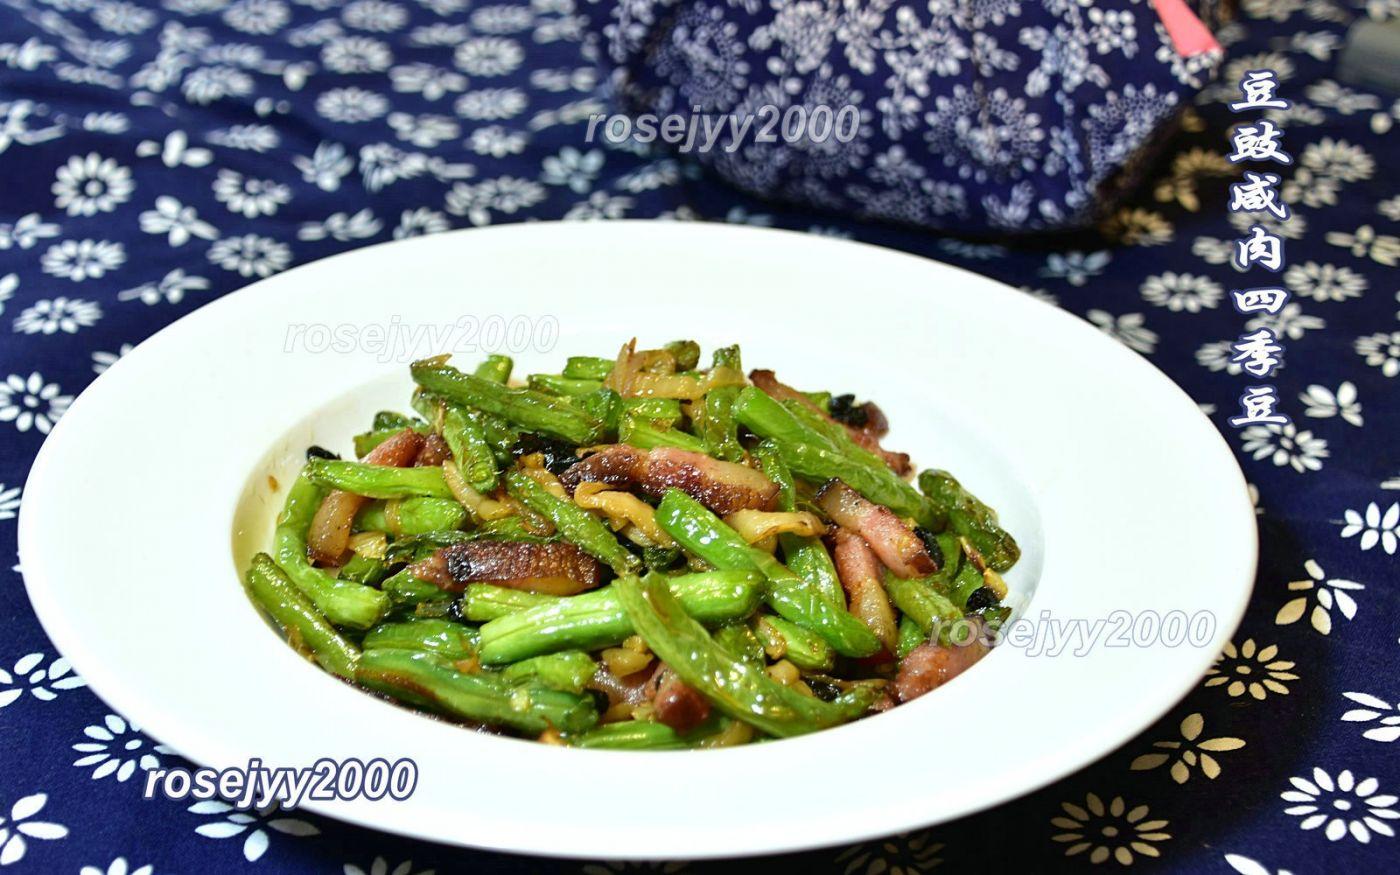 咸肉咸菜四季豆_图1-1